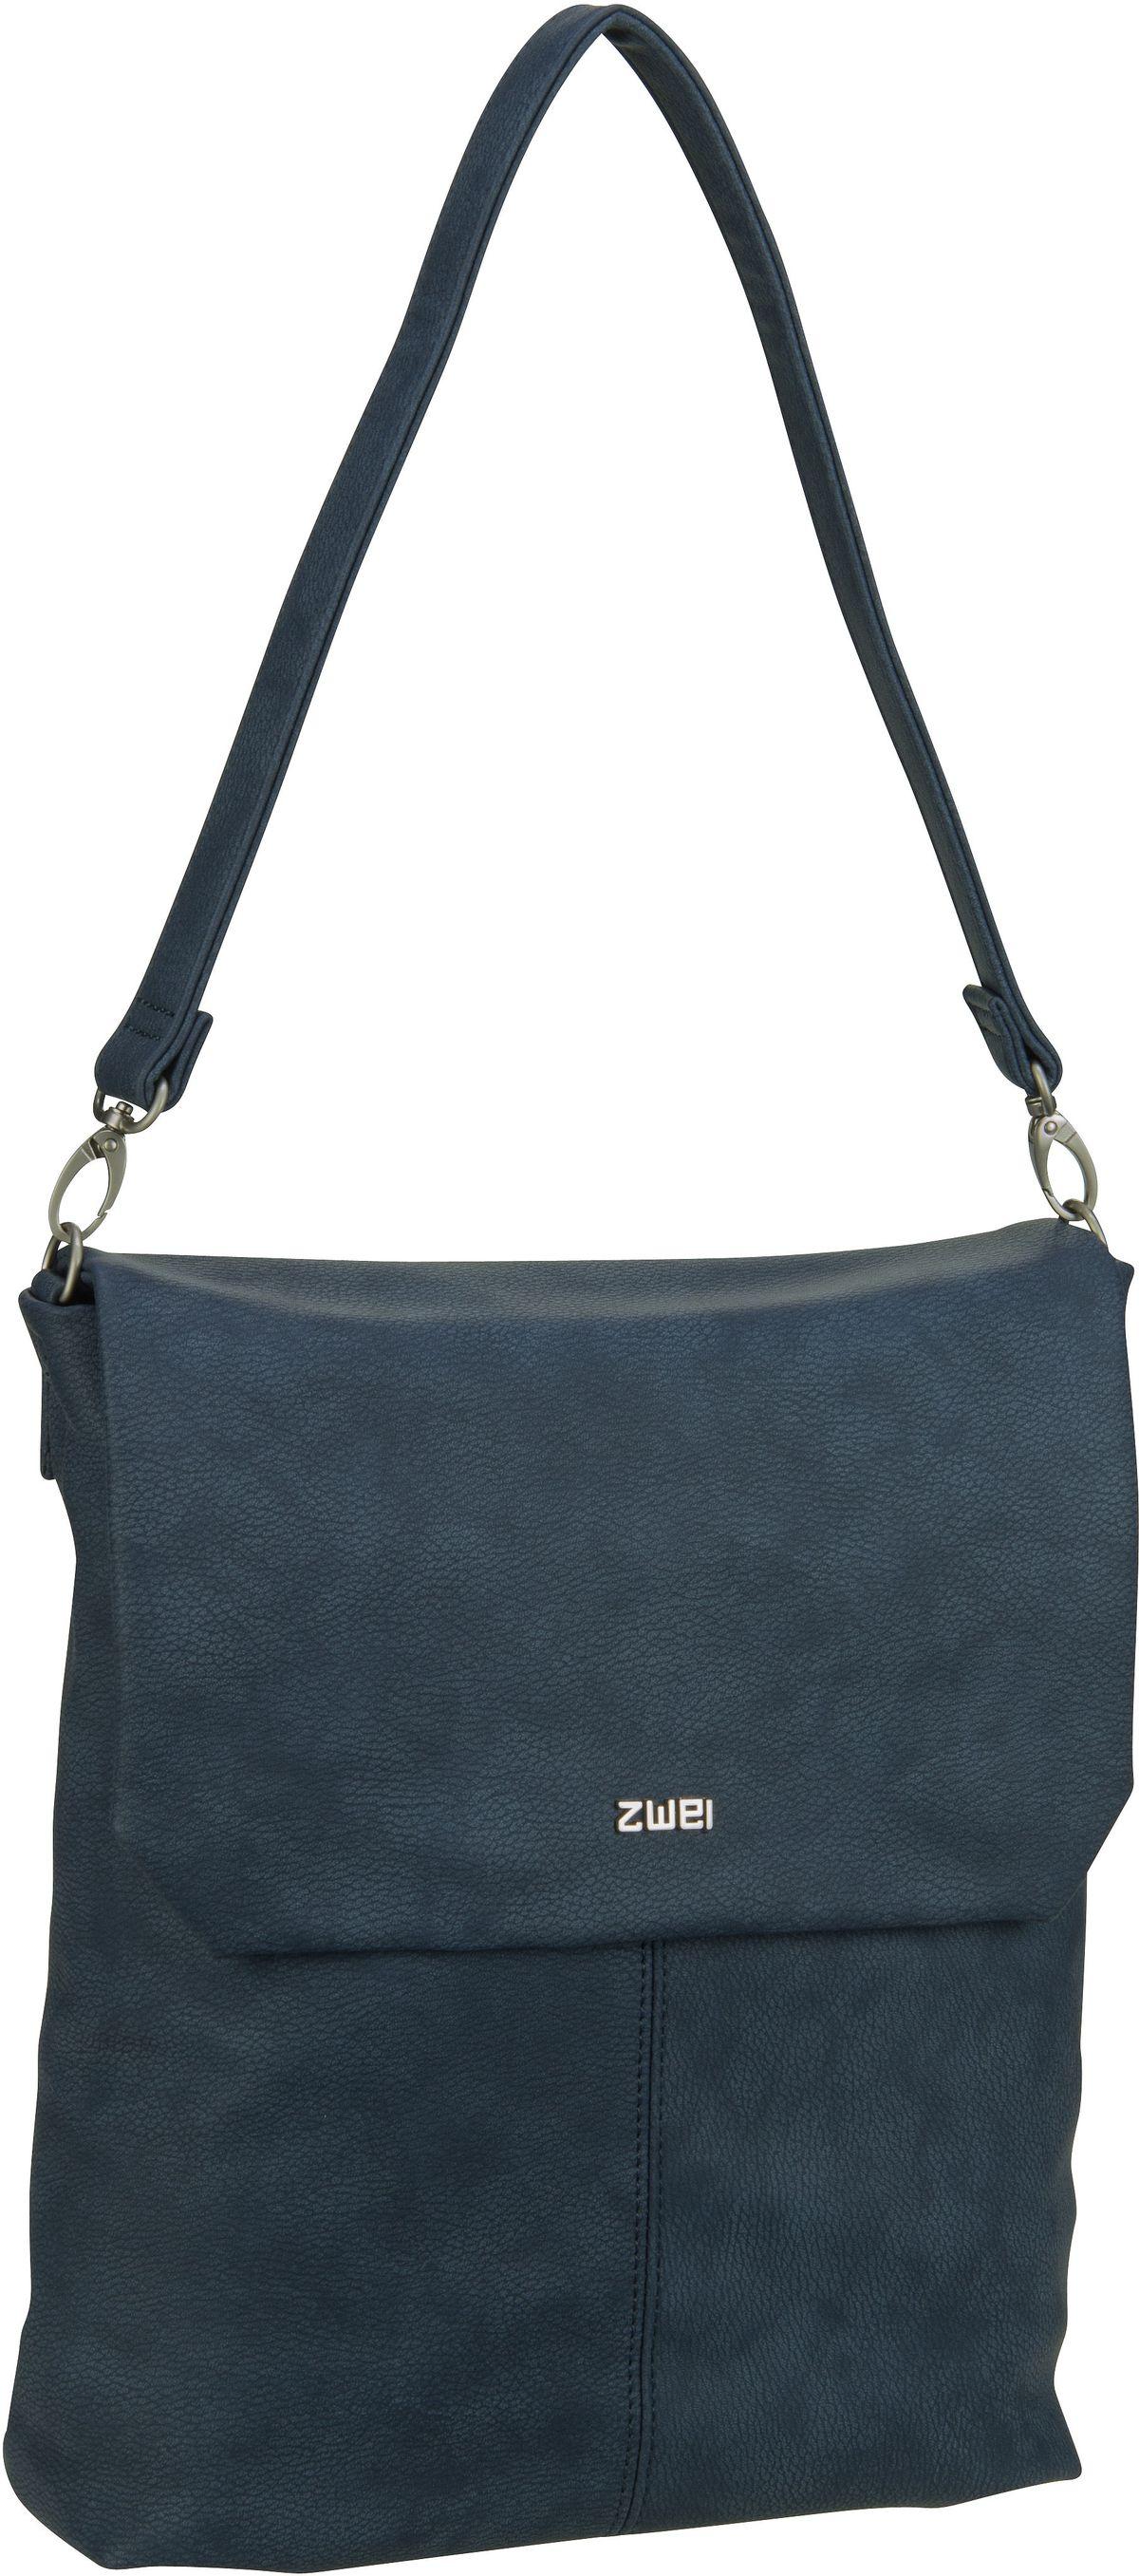 Handtasche Mademoiselle MT15 Nubuk/Blue (7 Liter)